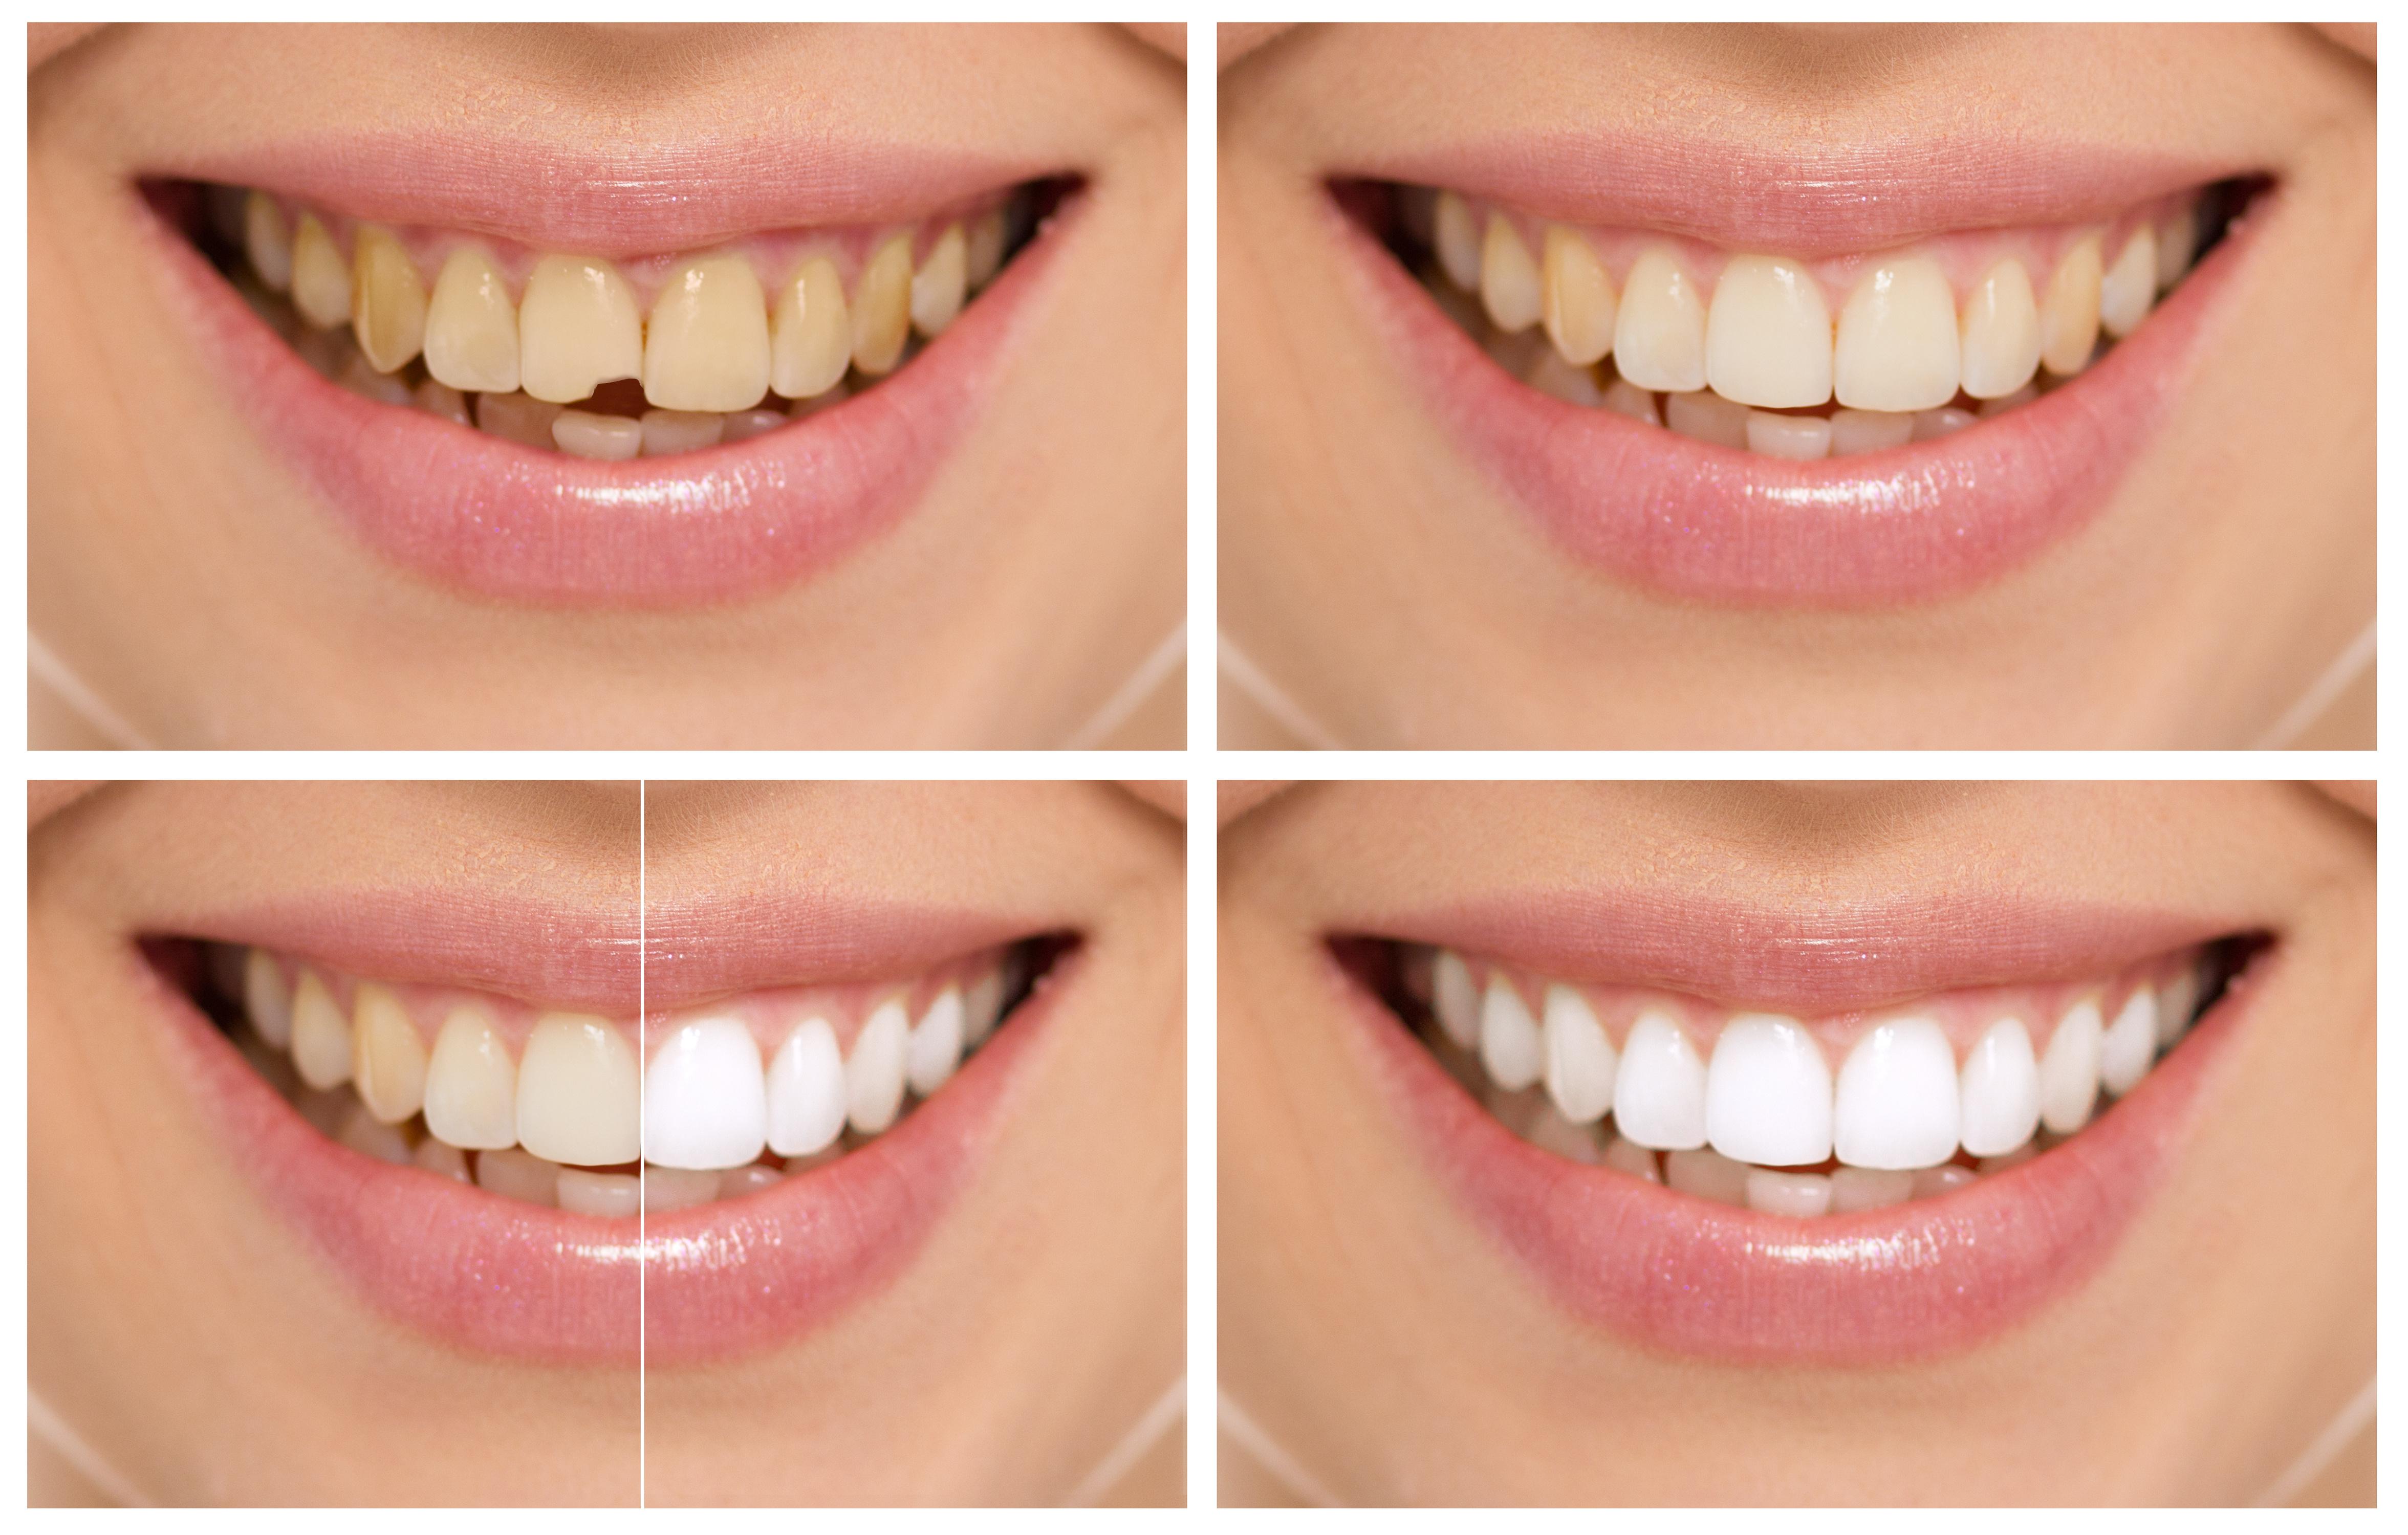 Blanqueamiento dental en clínica Dental Roca Santiago Fuengirola - Málaga